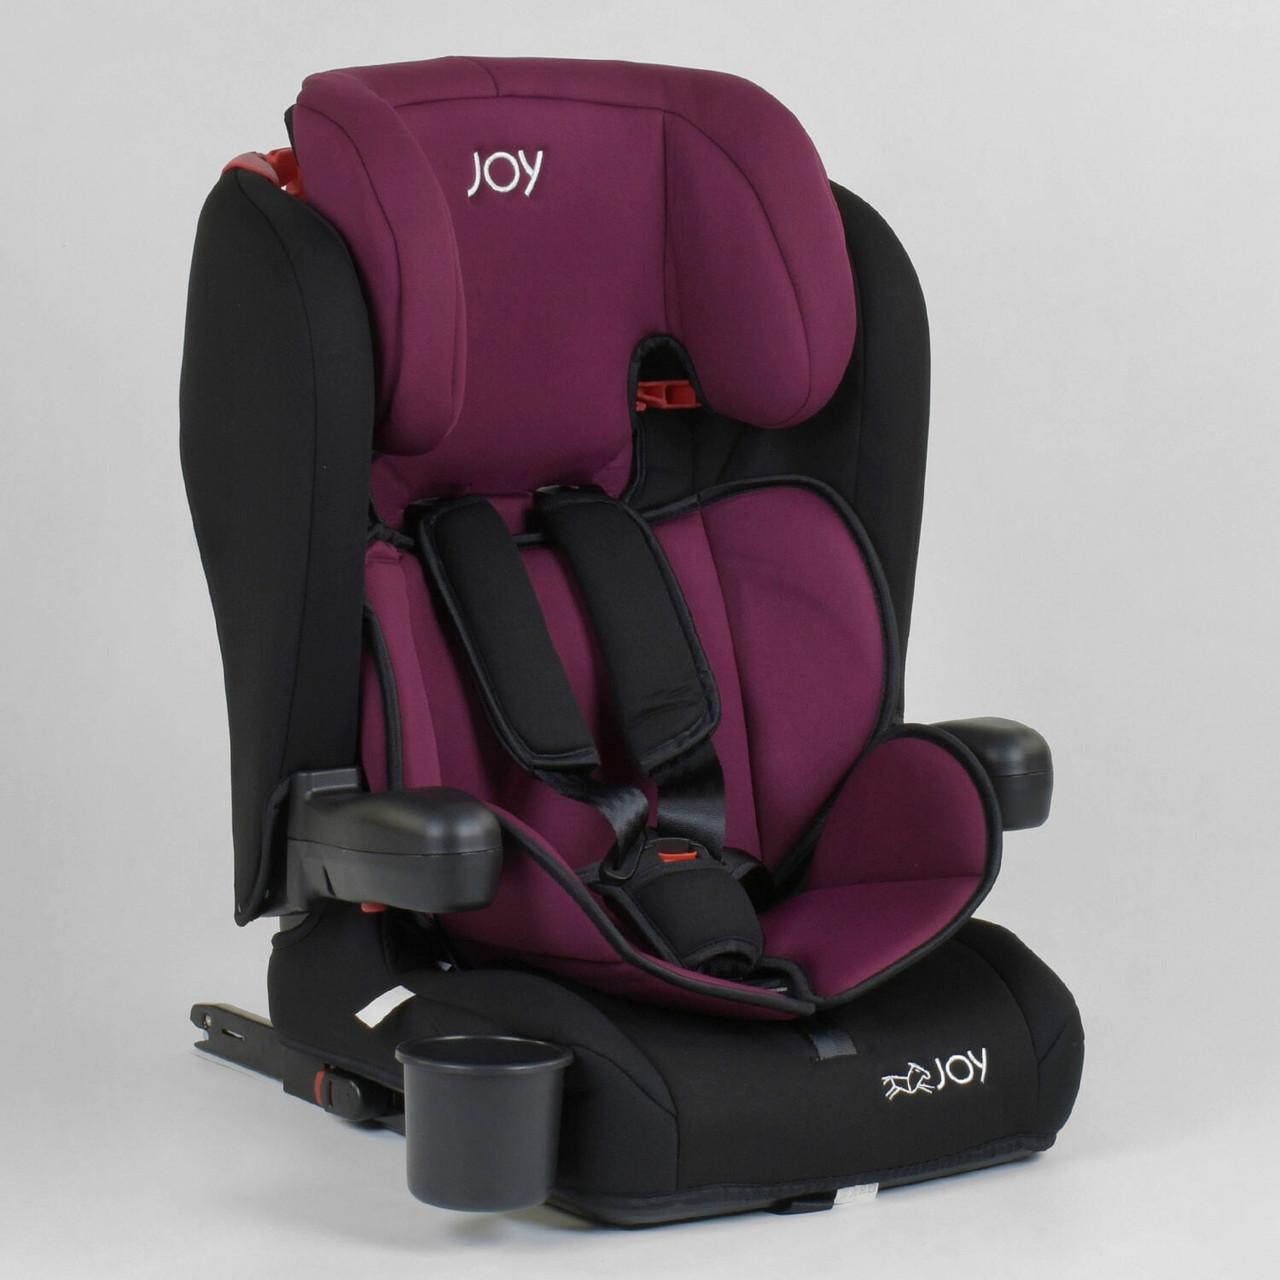 Автокрісло дитяче універсальне JOY 73180 Чорний з бордовим, система ISOFIX, група 1/2/3, від 9-36 кг